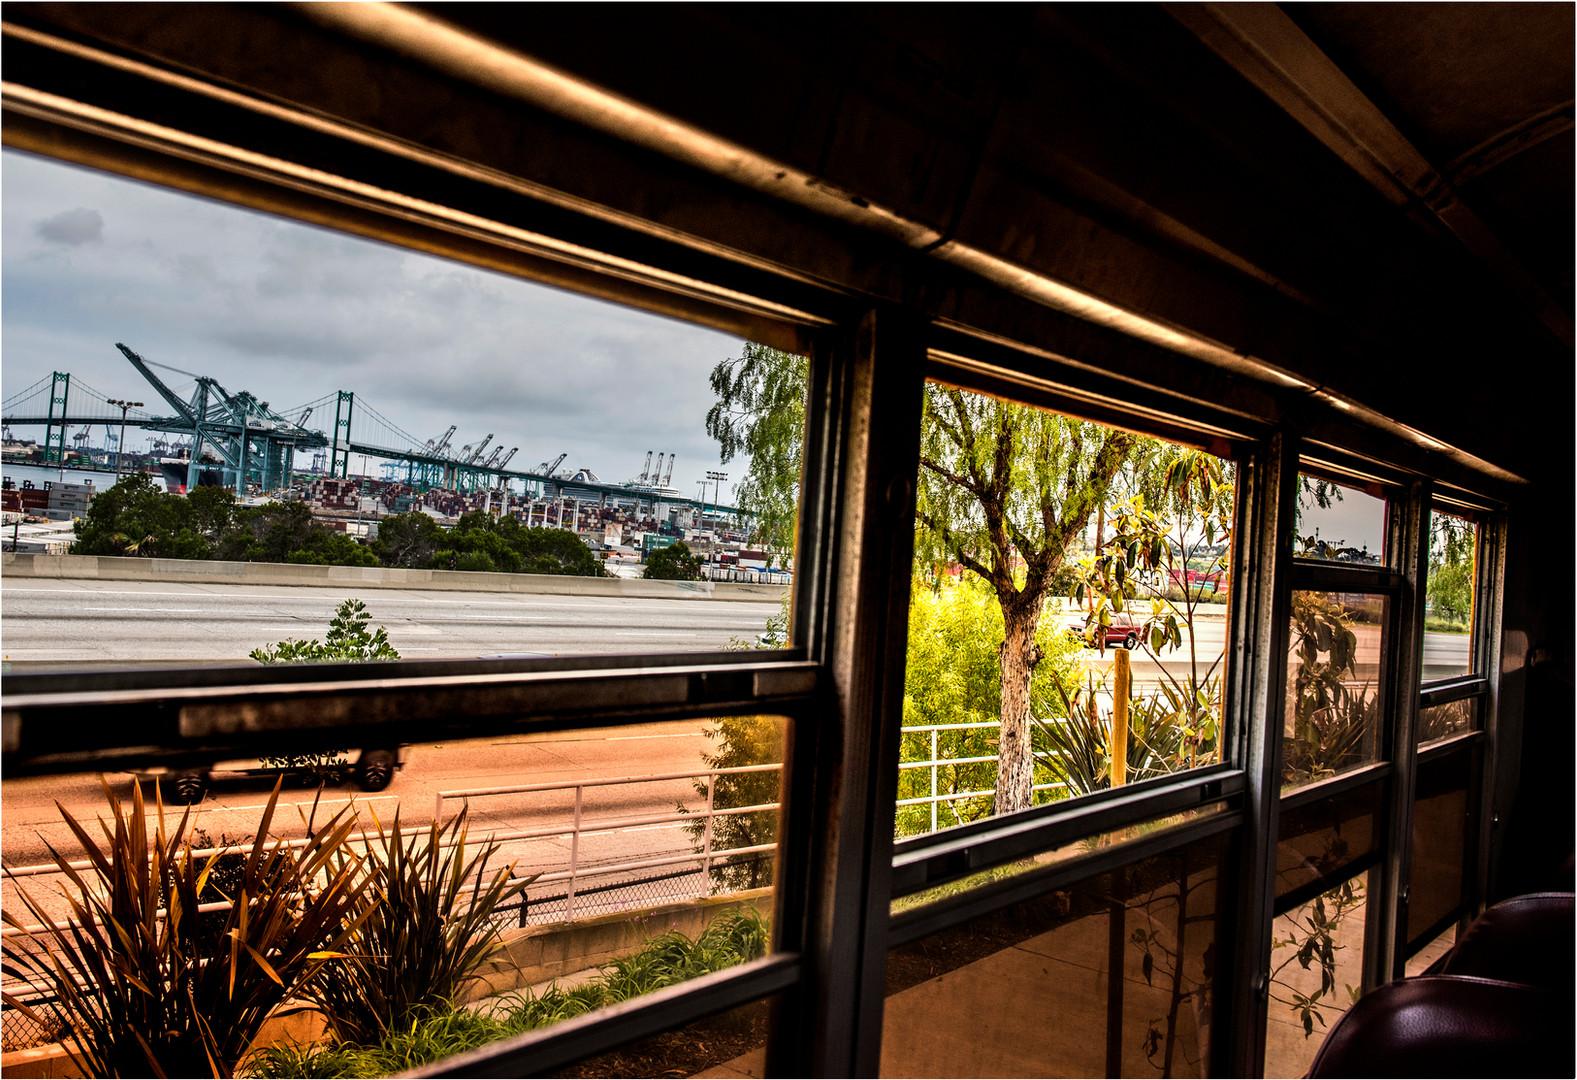 window_bus18x24.jpg